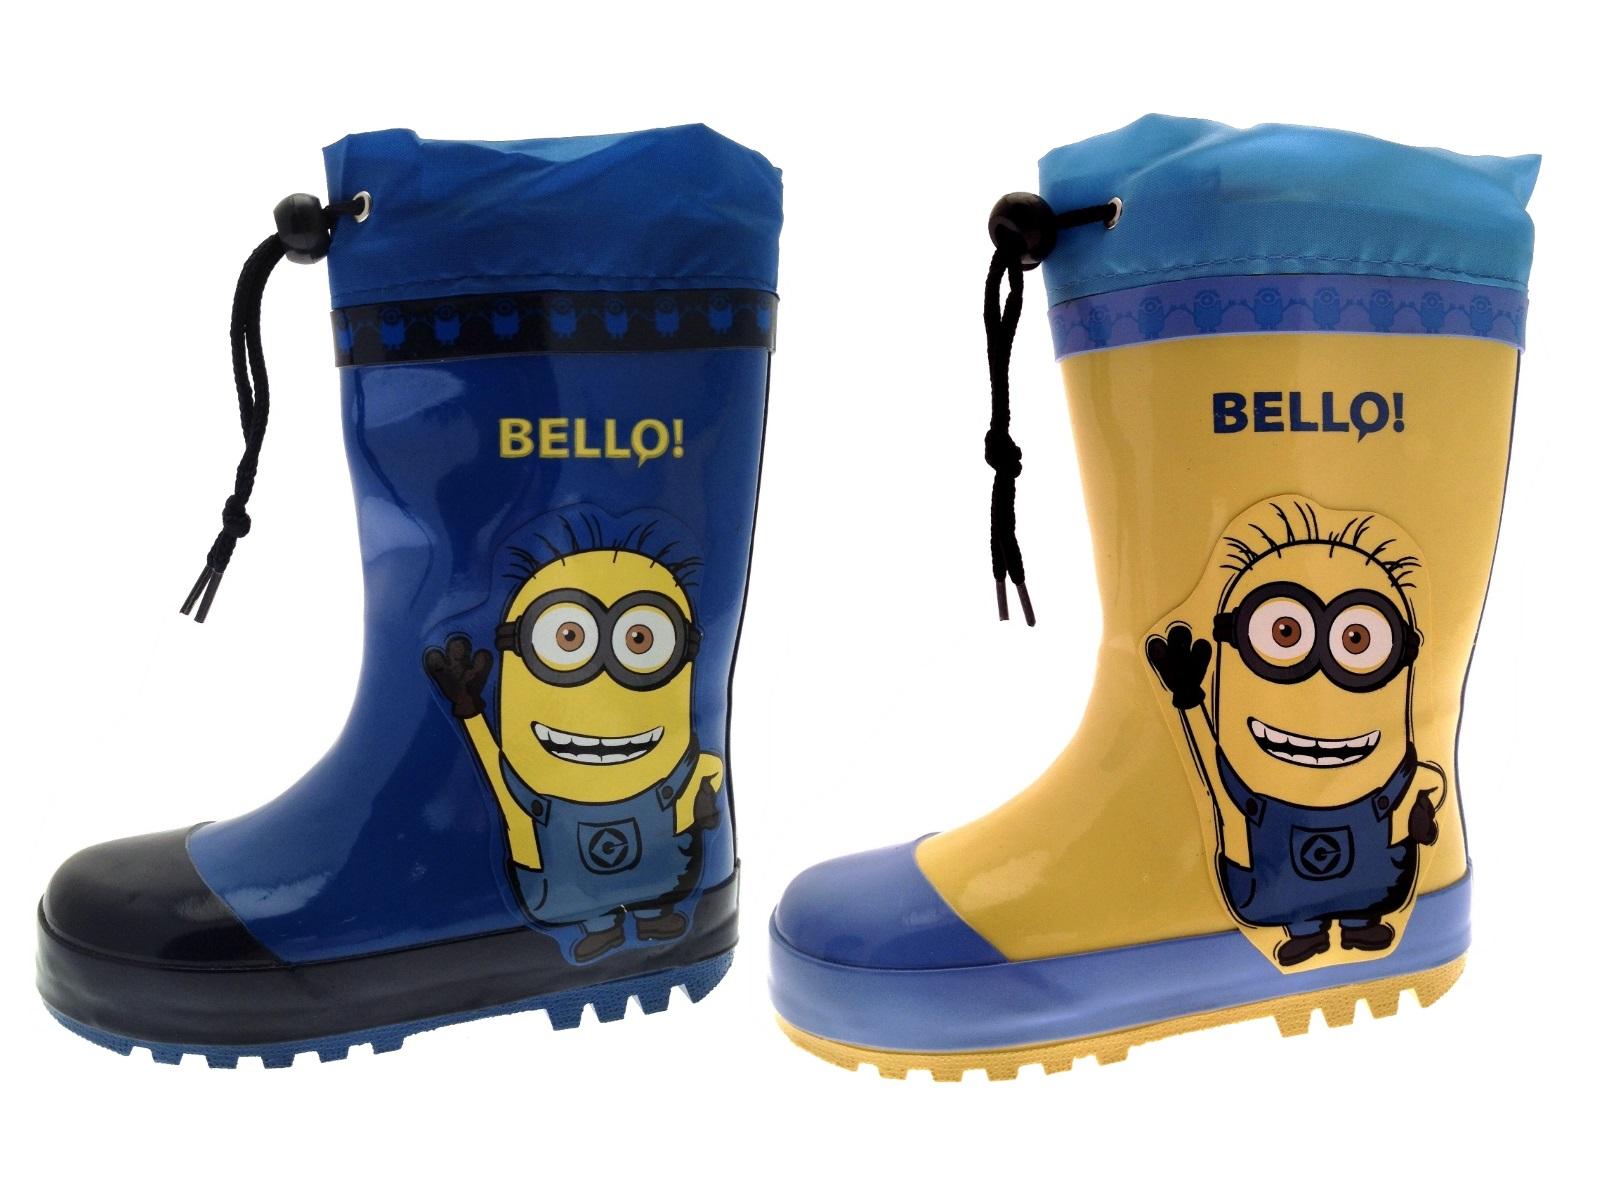 Shoes amp accessories gt kids clothes shoes amp accs gt boys shoes